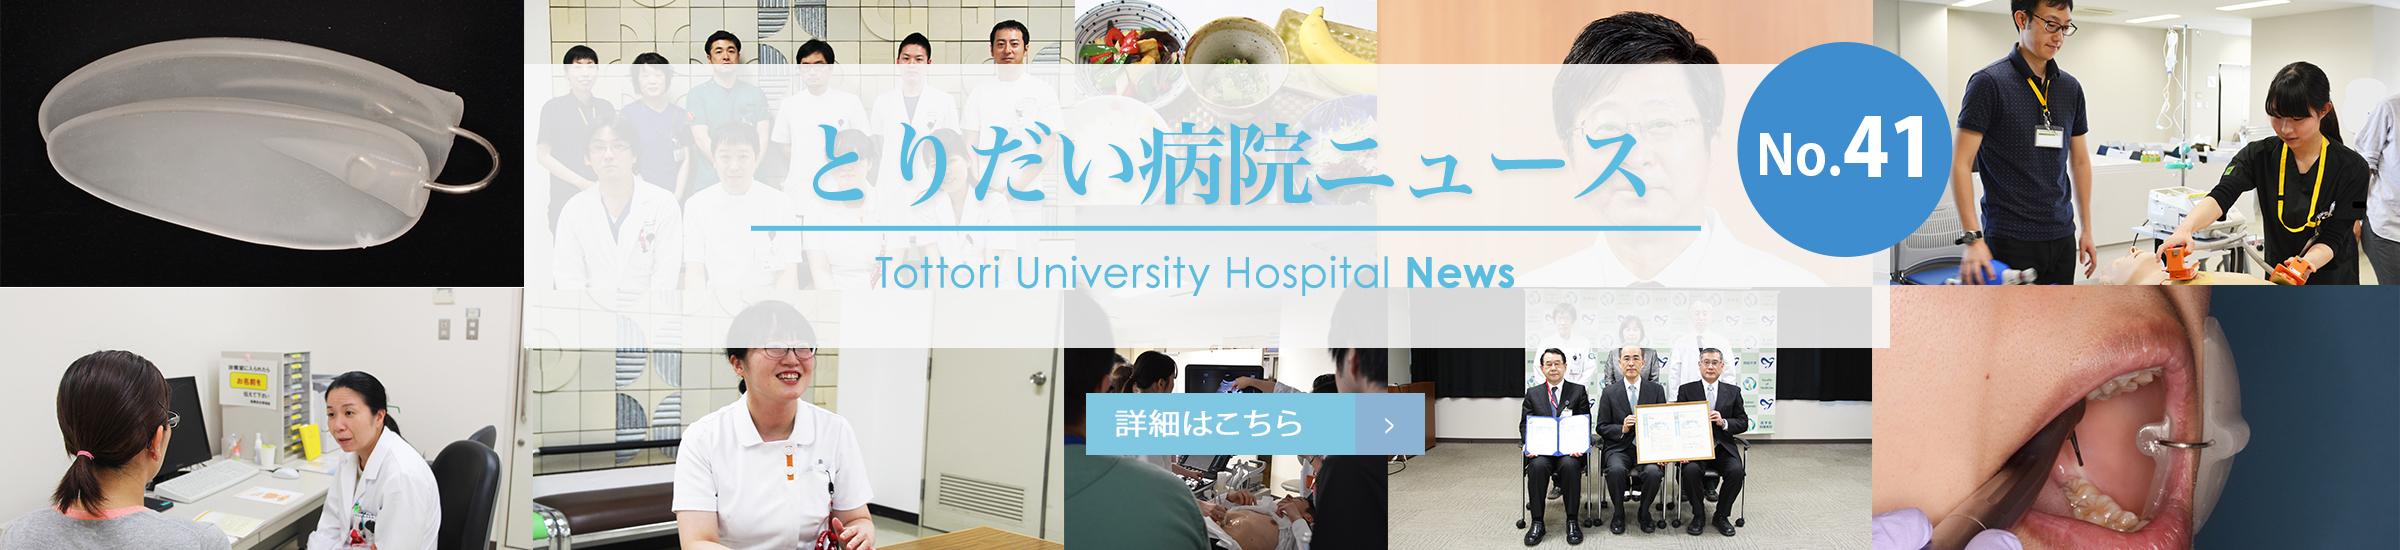 とりだい病院ニュース41号